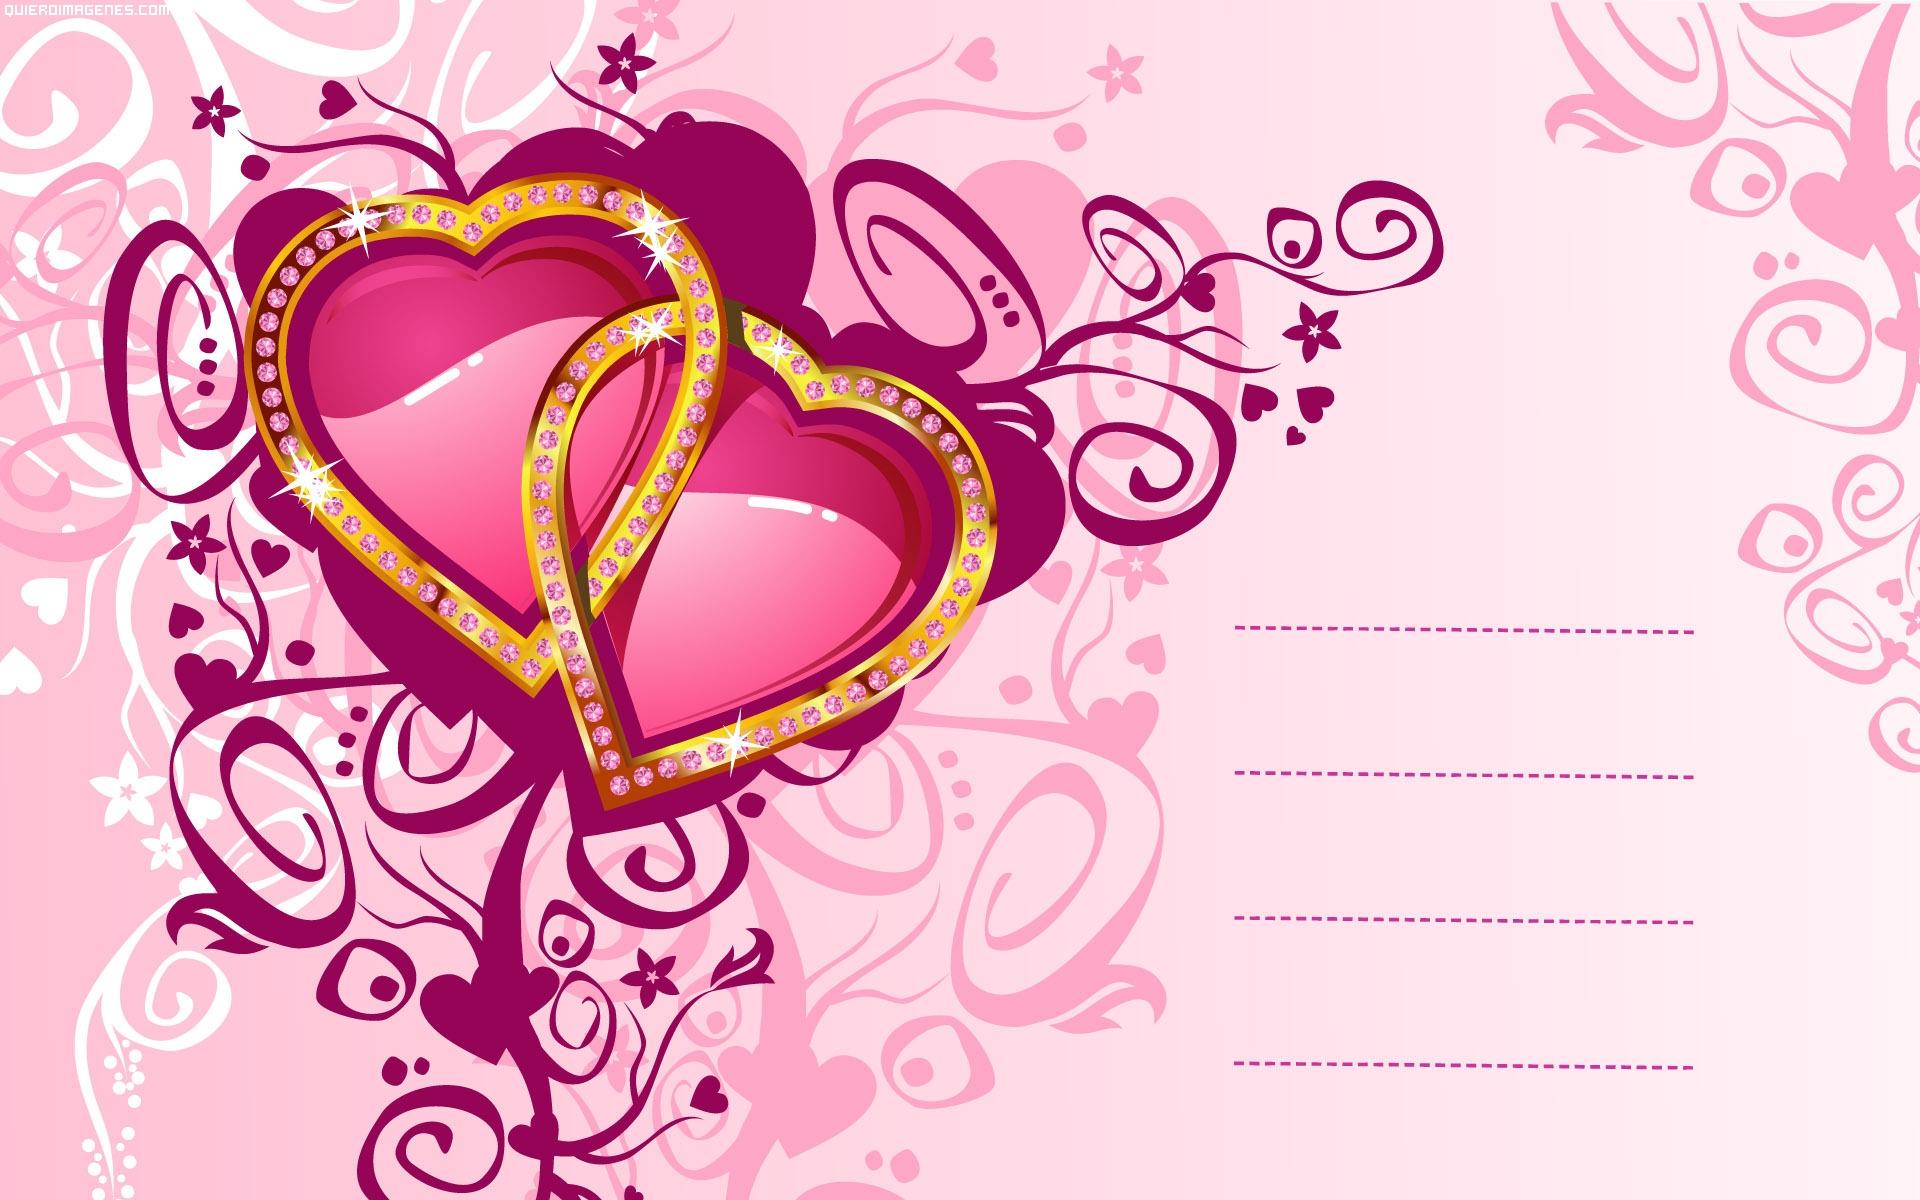 Postal corazones enlazados - Y k love wallpaper ...